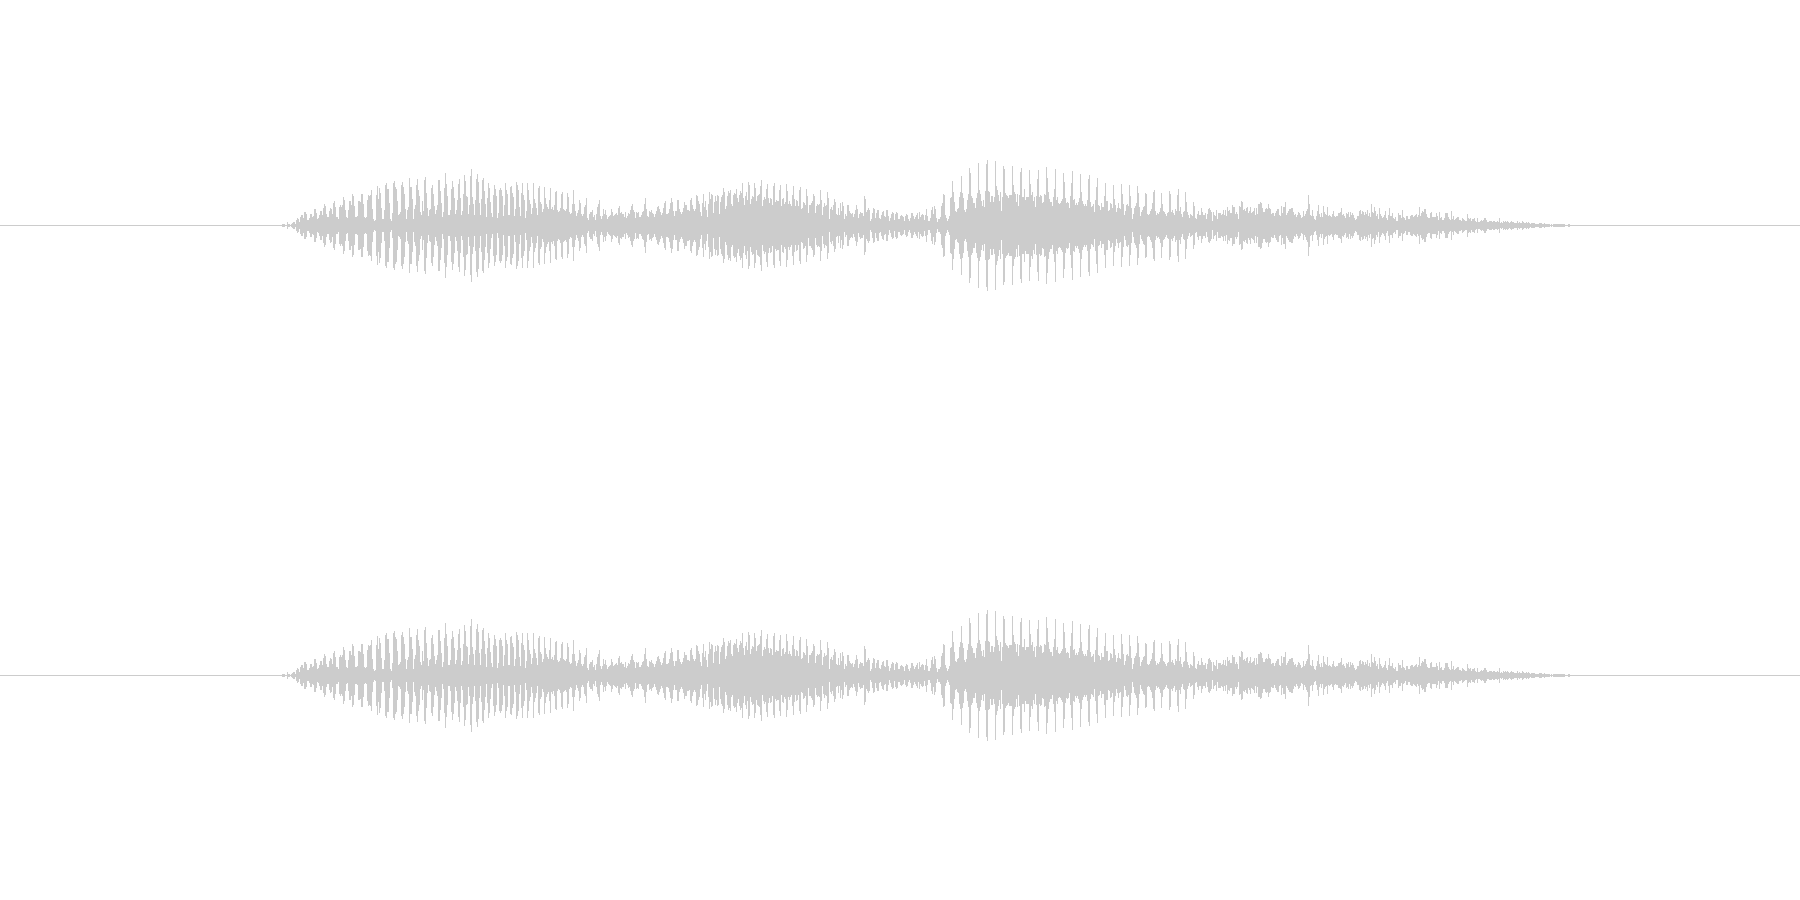 【時報・時間】2時ですの未再生の波形